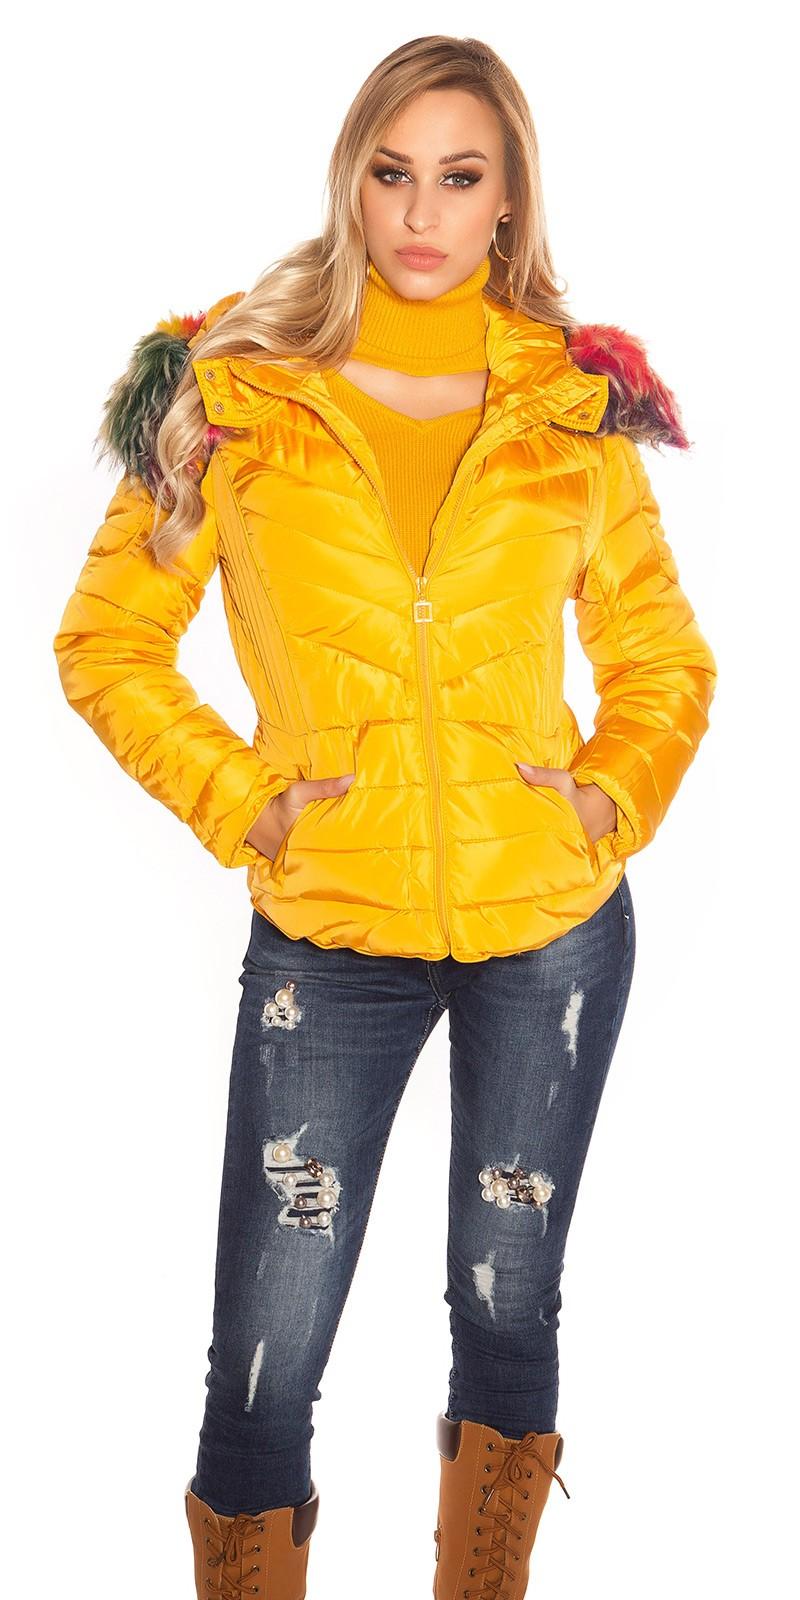 9ae65203b6 Színes műszőrme kapucnis női télikabát - Mustár (XXL). Az Ön értékelése: